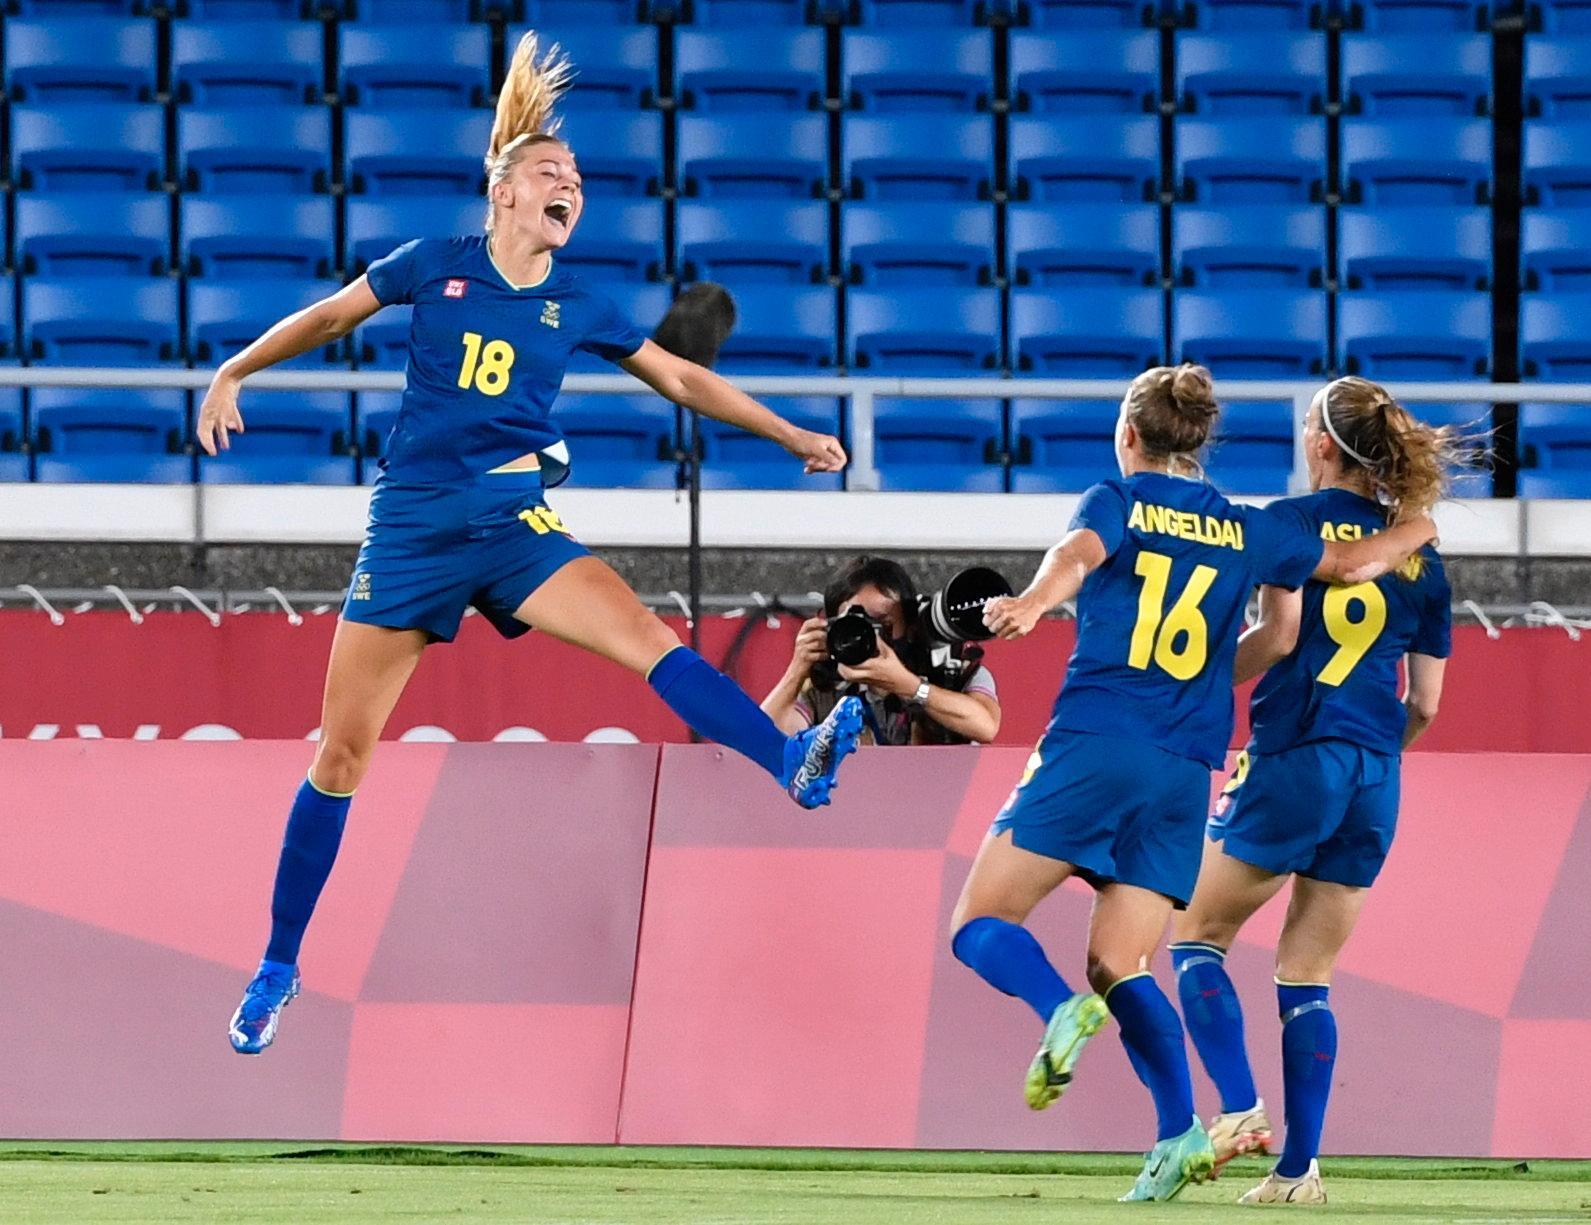 Fridolina Rolfö jublar efter att ha gjort 1–0 måndagens semifinal i damernas fotboll mellan Australien och Sverige.